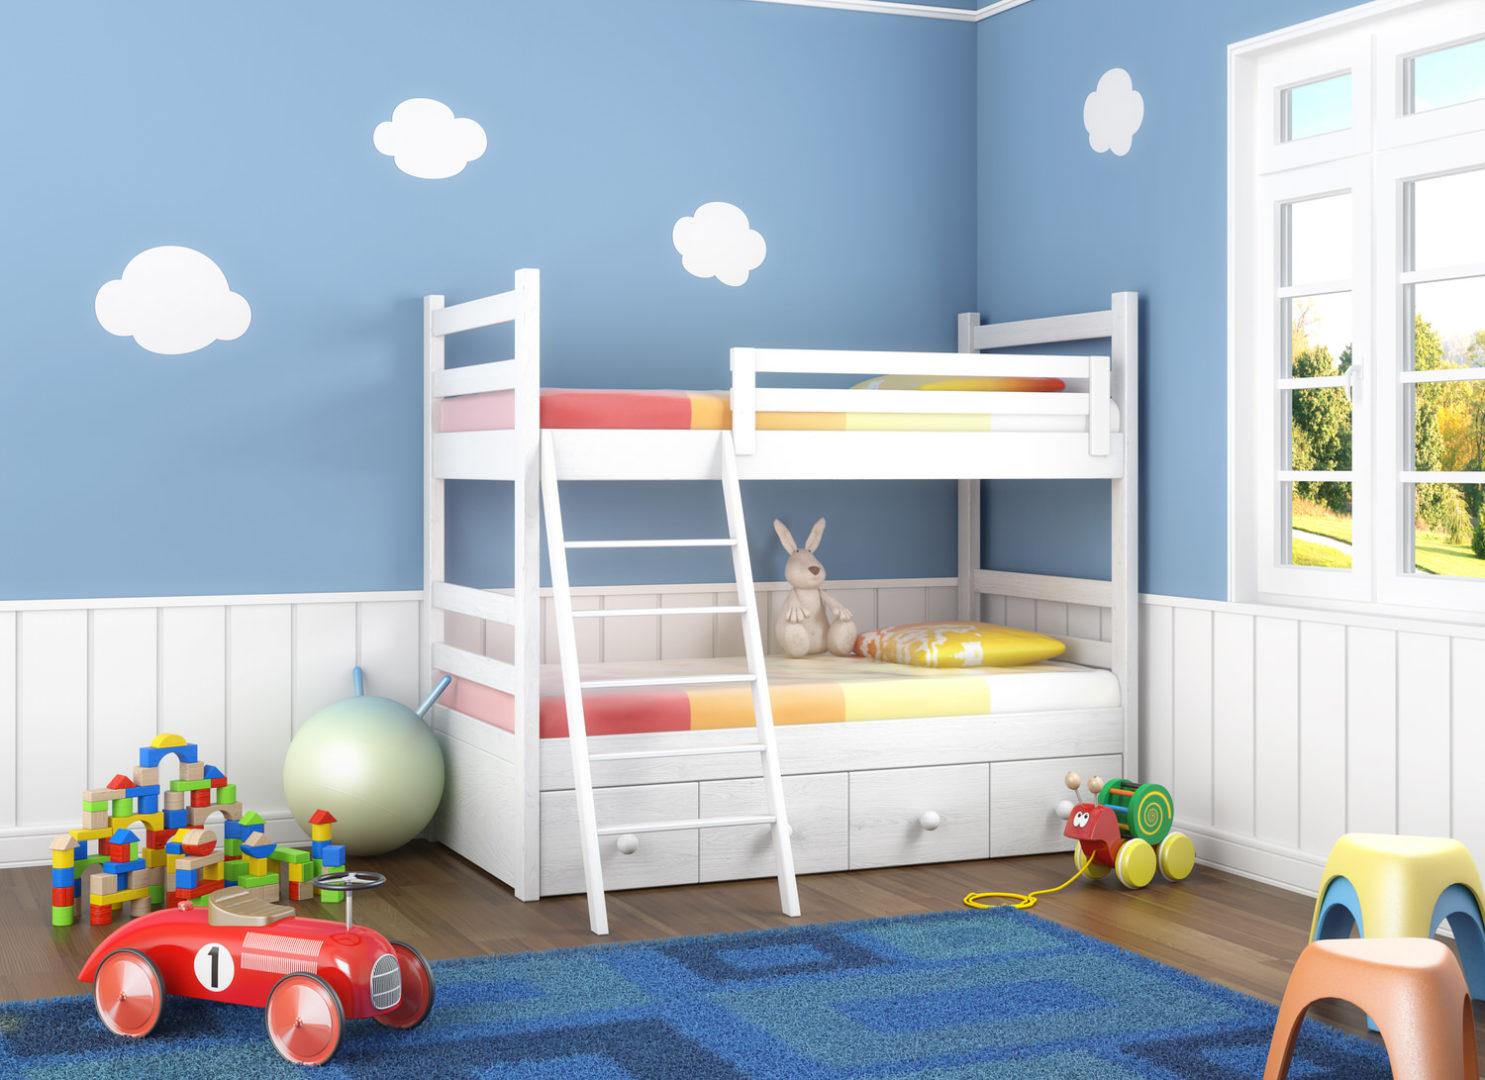 Kleines Kinderzimmer Einrichten Eine Große Herausforderung